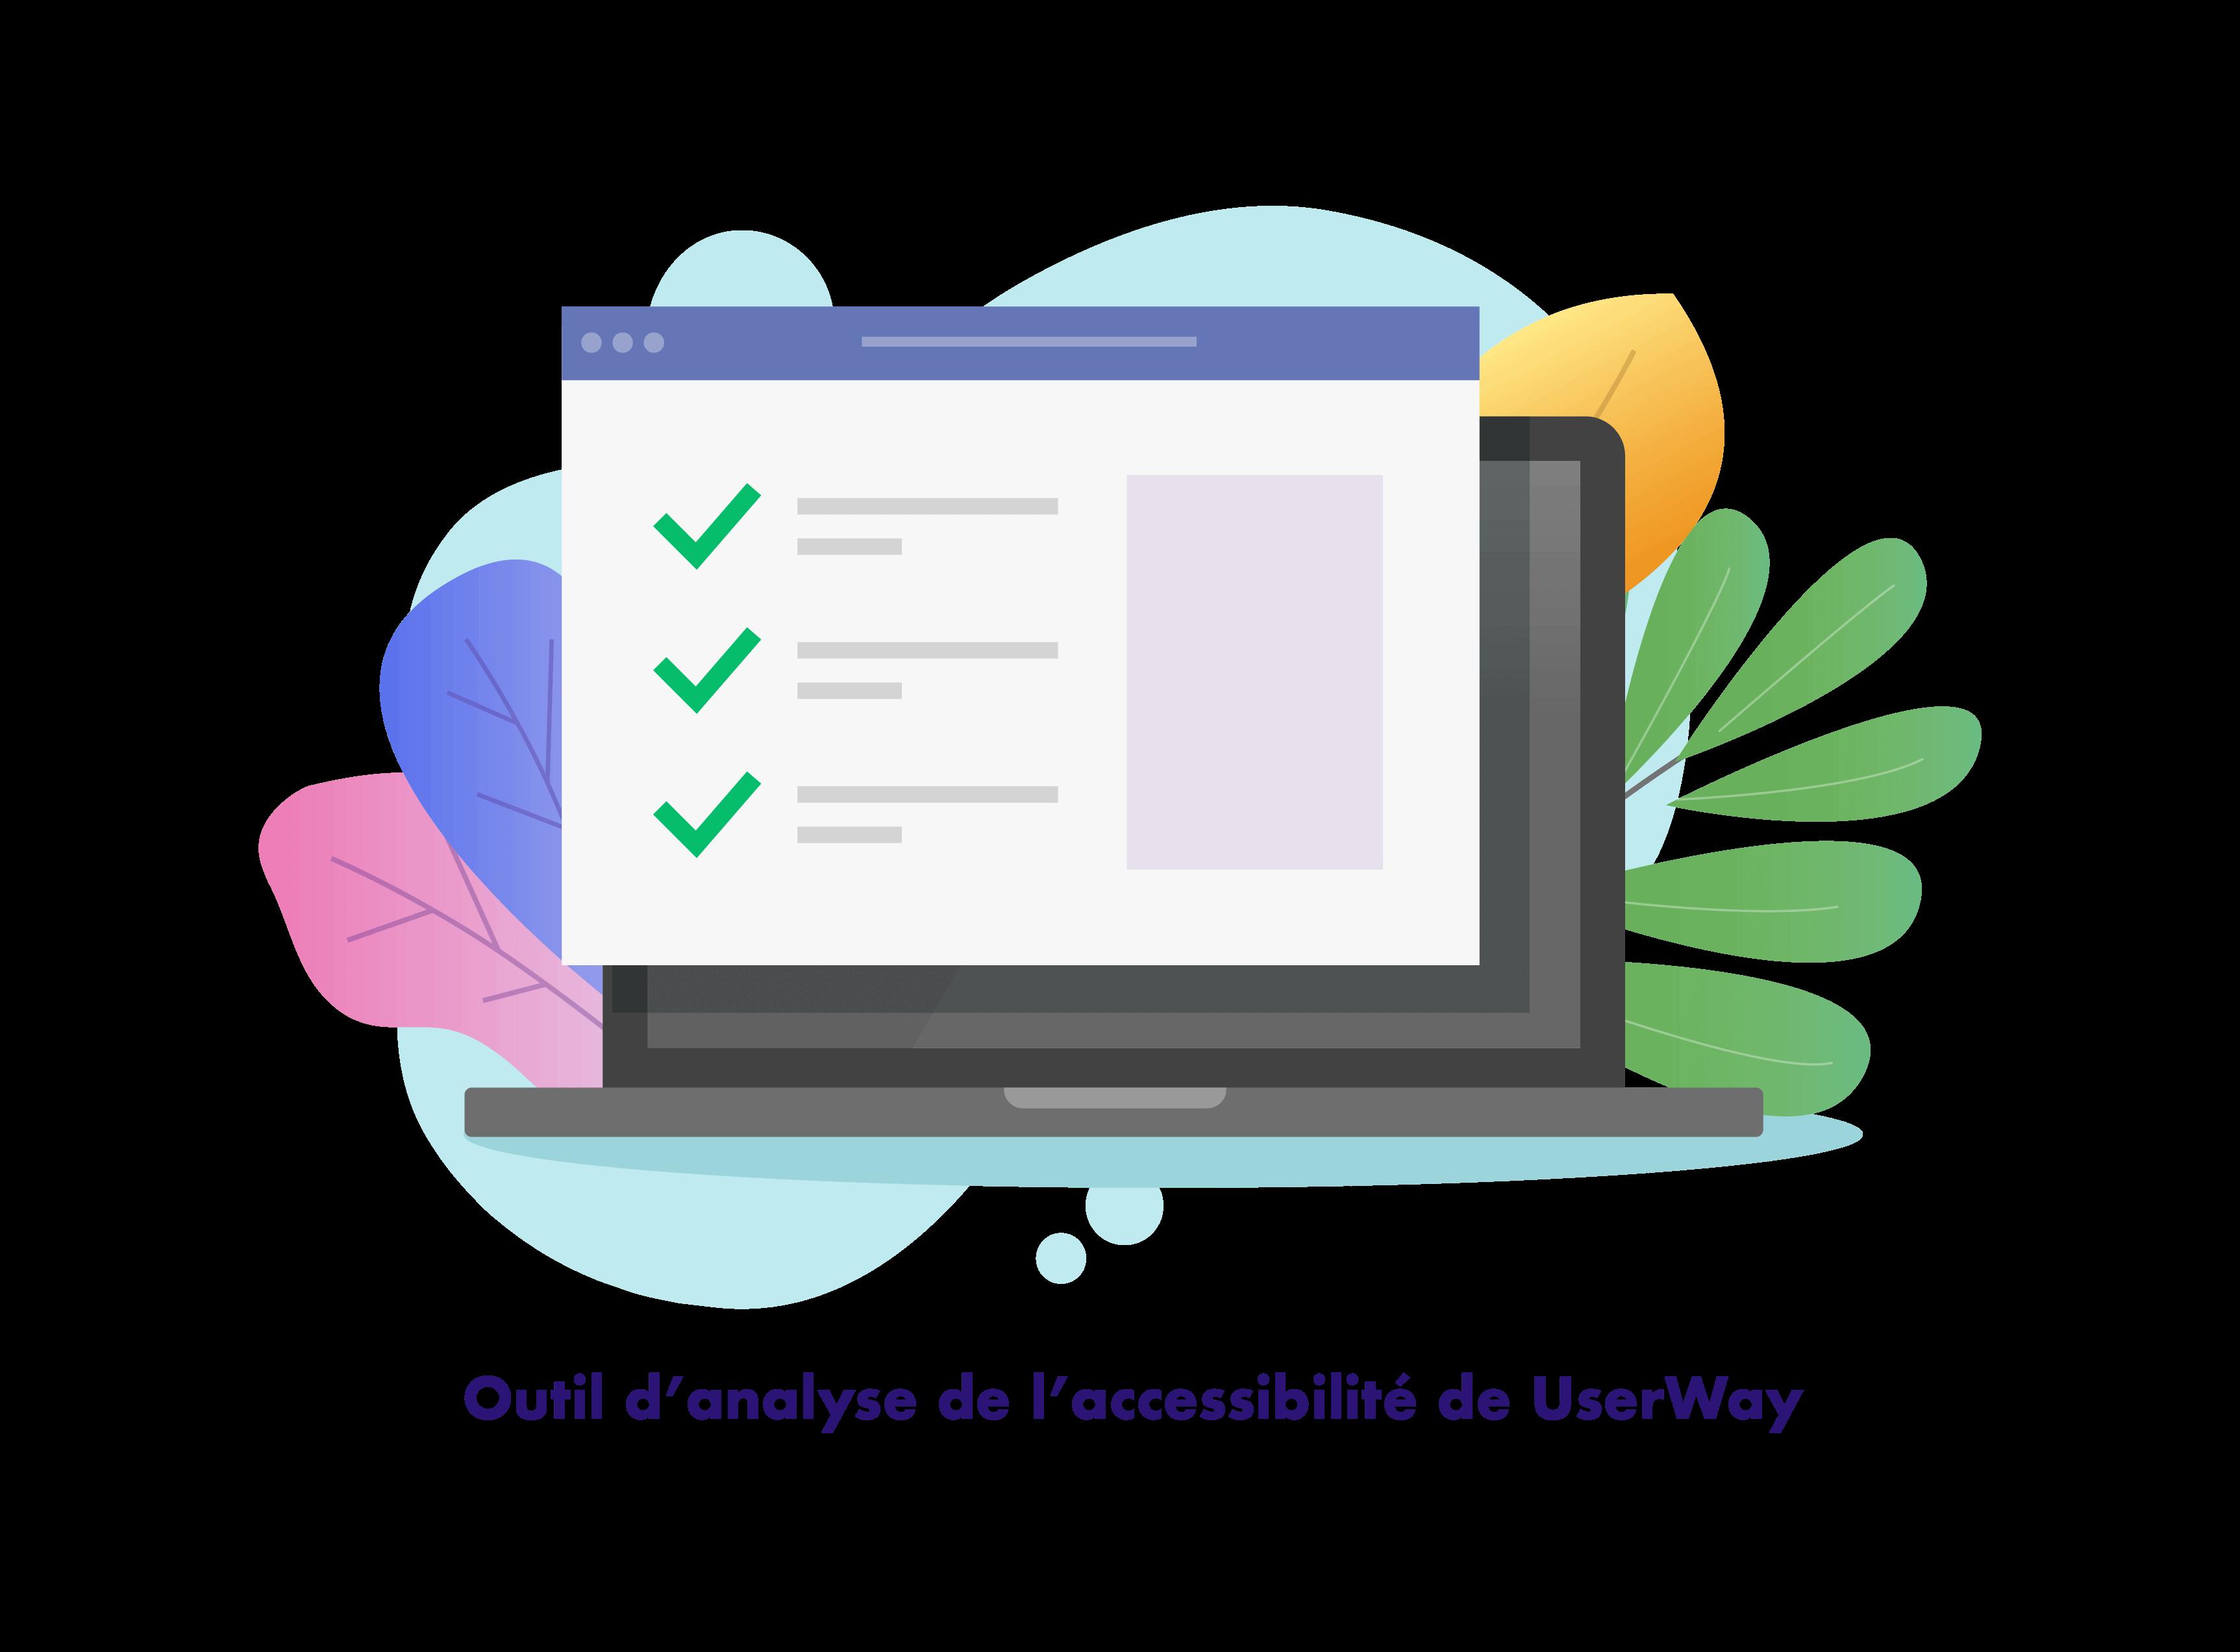 Userway Outil d'analyse de l'accessibilité de UserWay